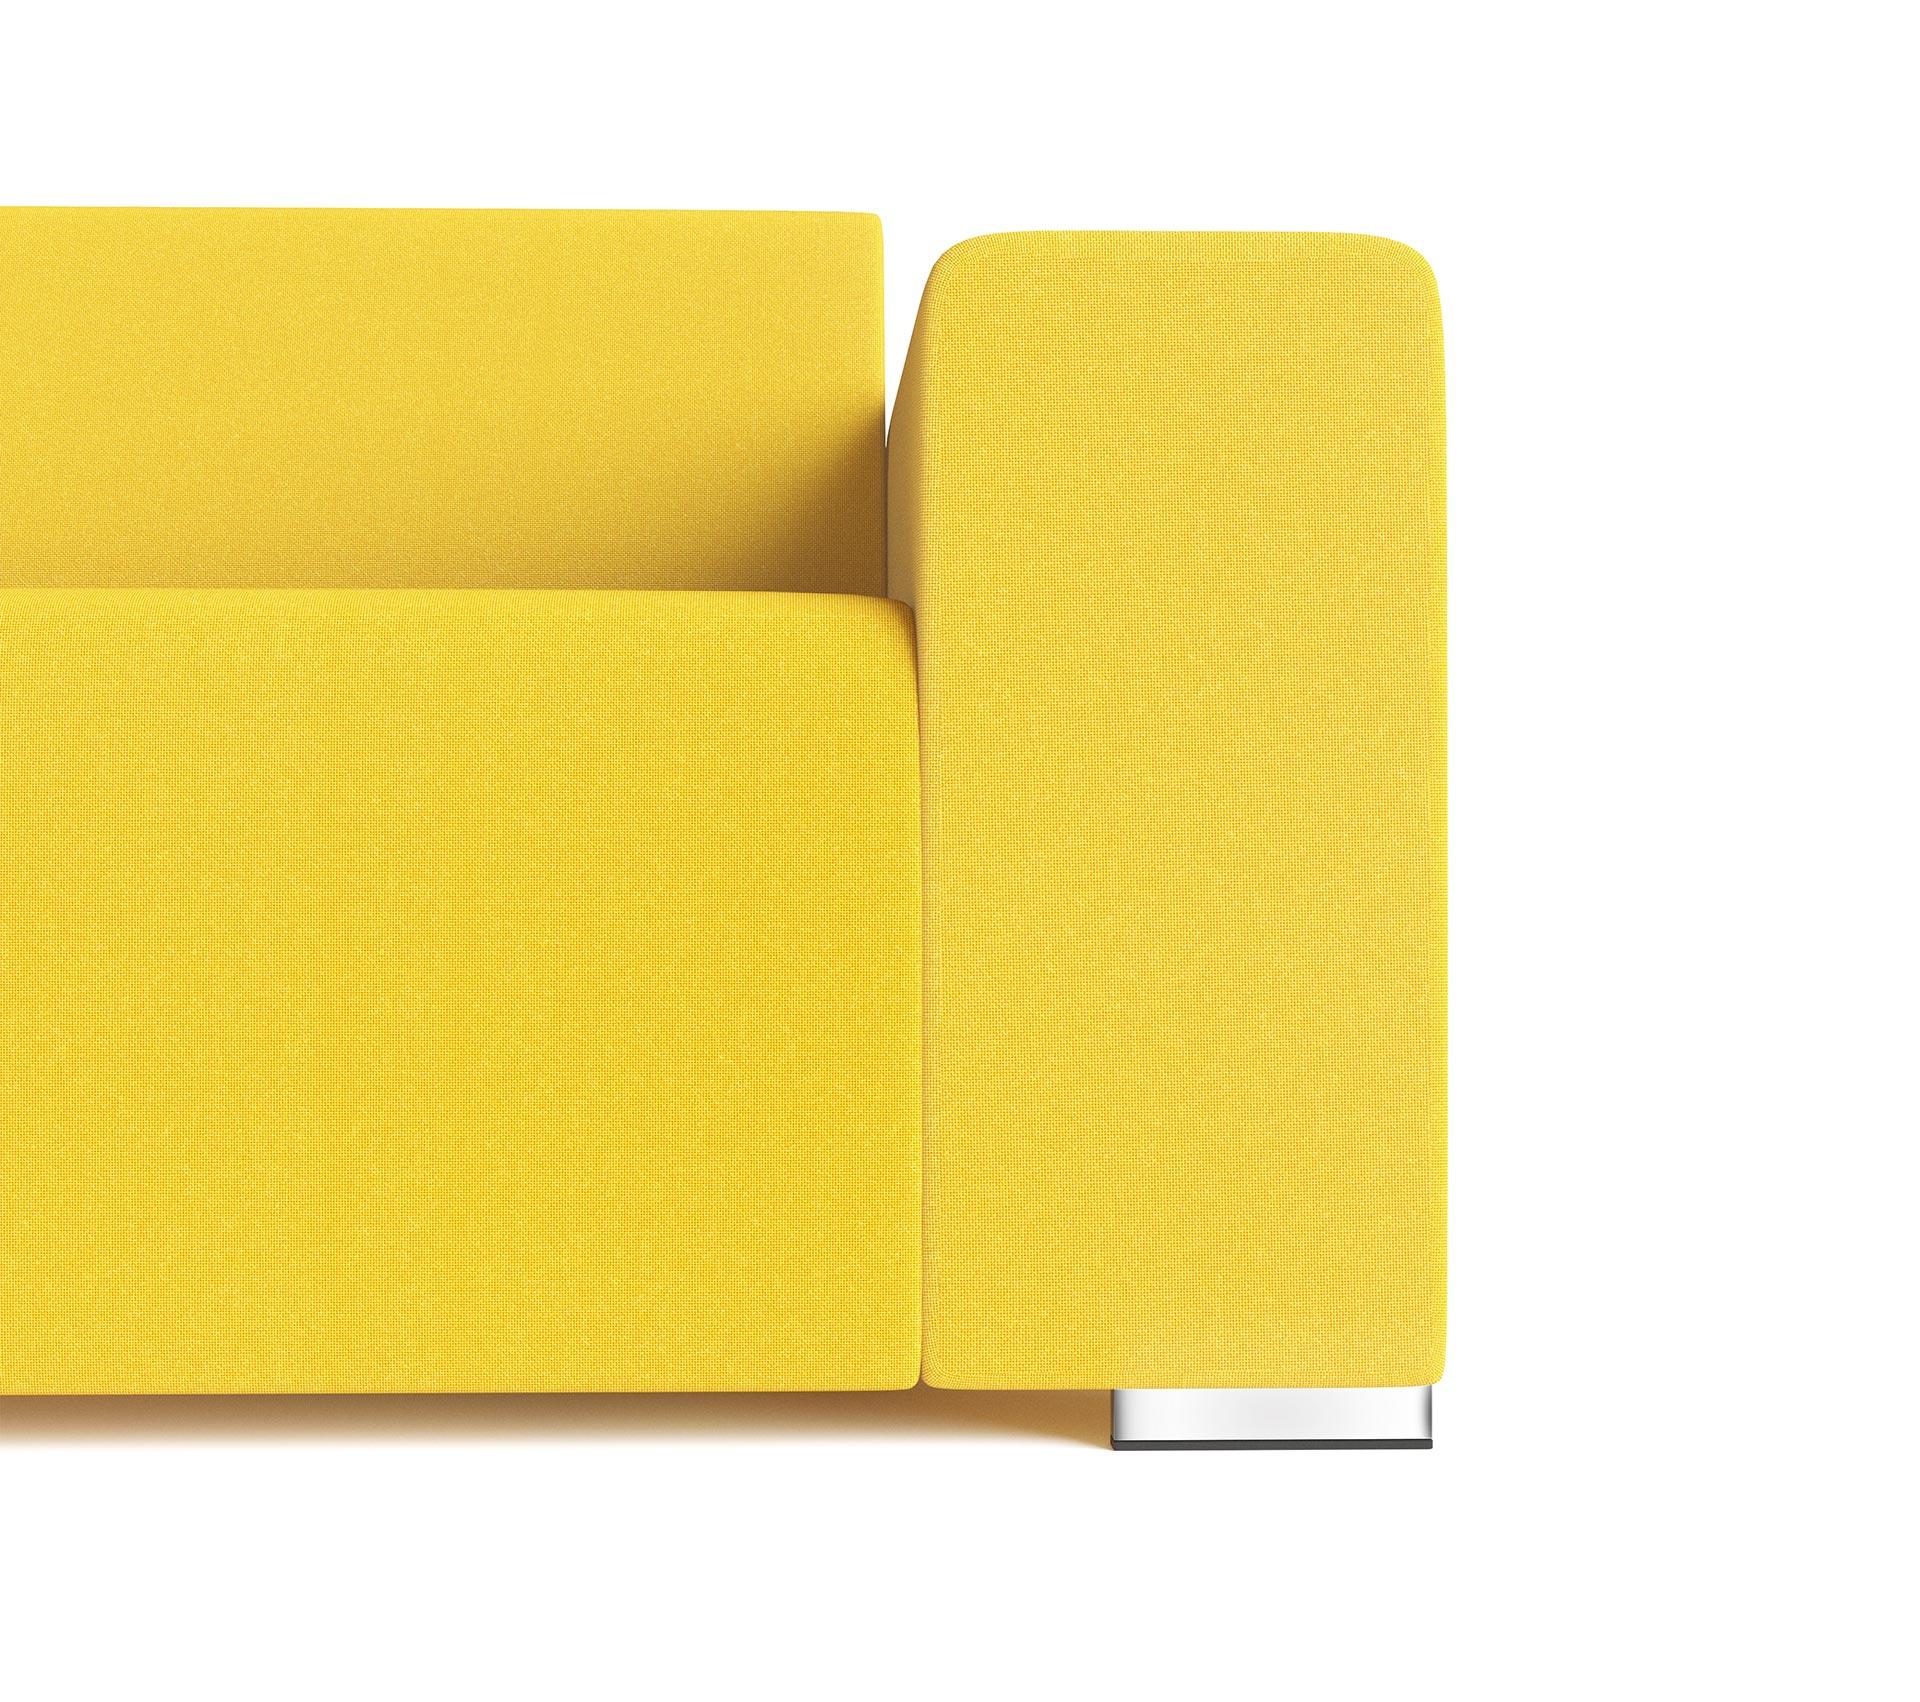 Sontana Close Up Yellow